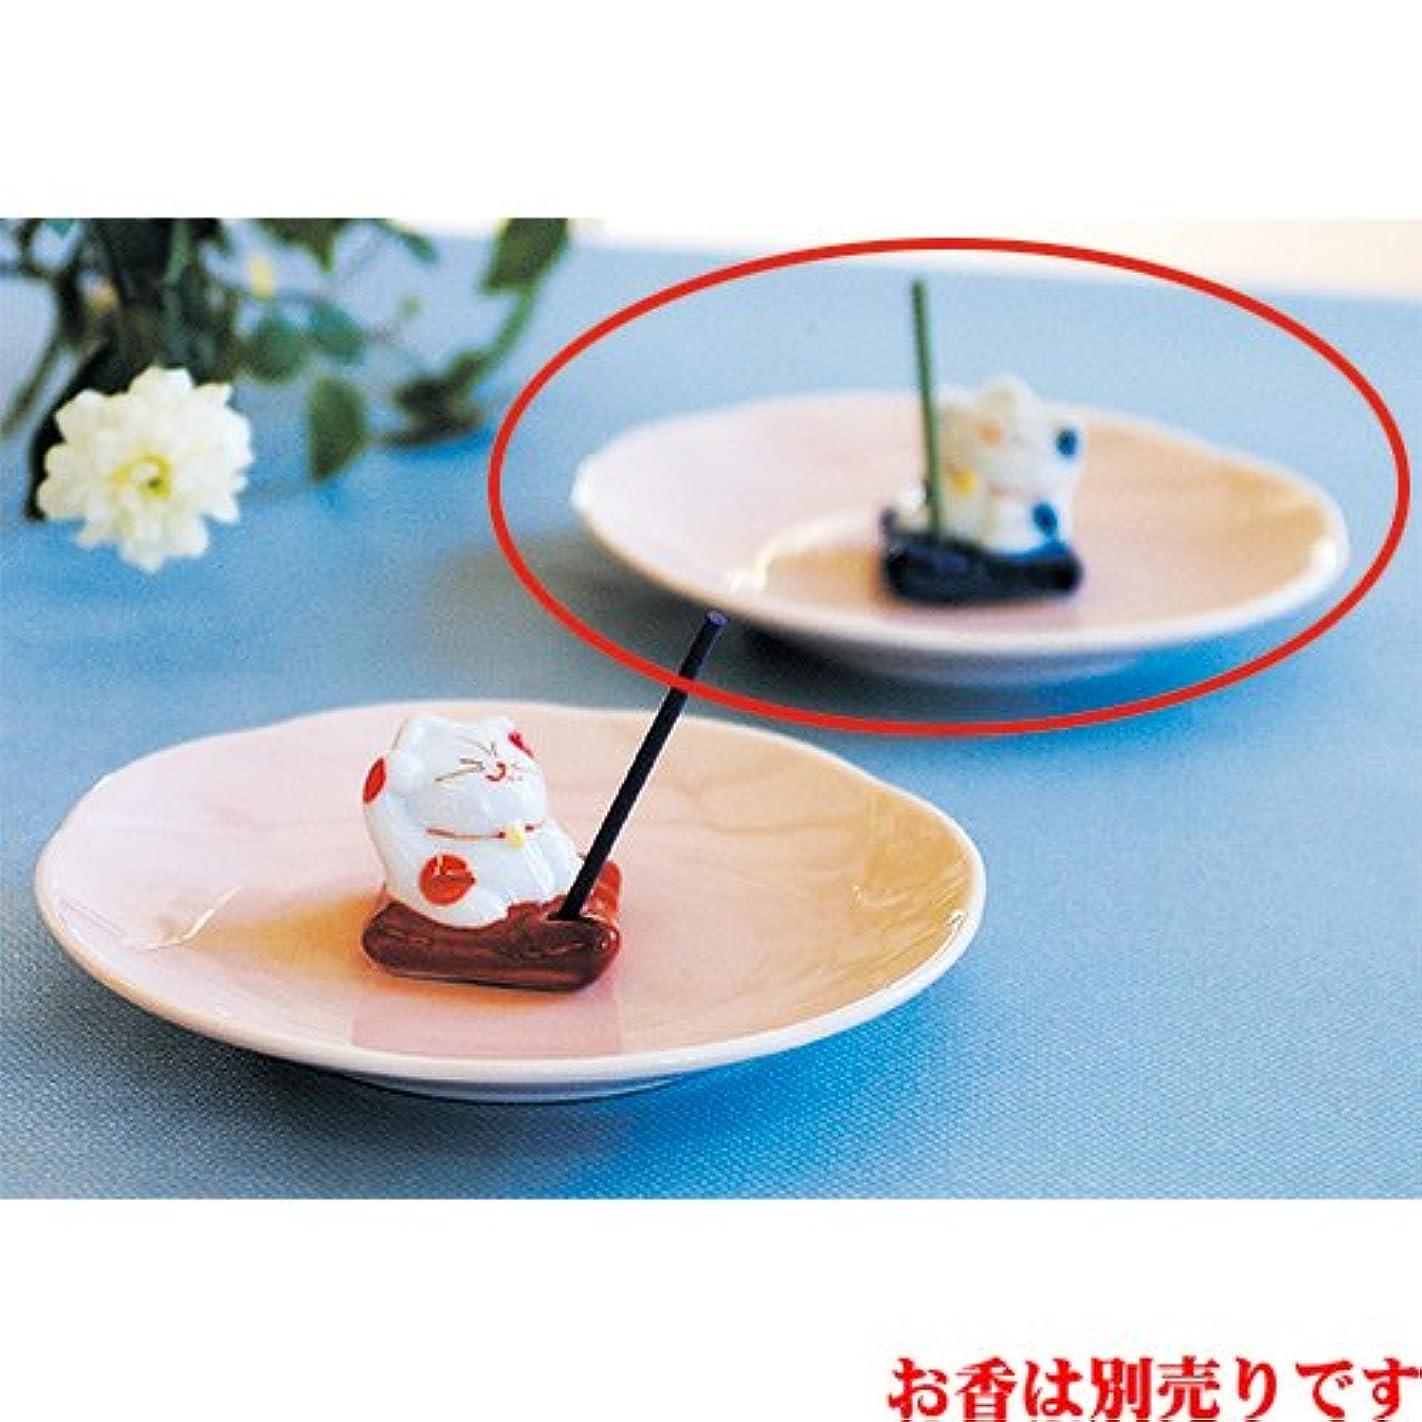 ソーシャル繊維証書香皿 ザブトンネコ 香皿 ブルー [R12.5xH4cm] プレゼント ギフト 和食器 かわいい インテリア